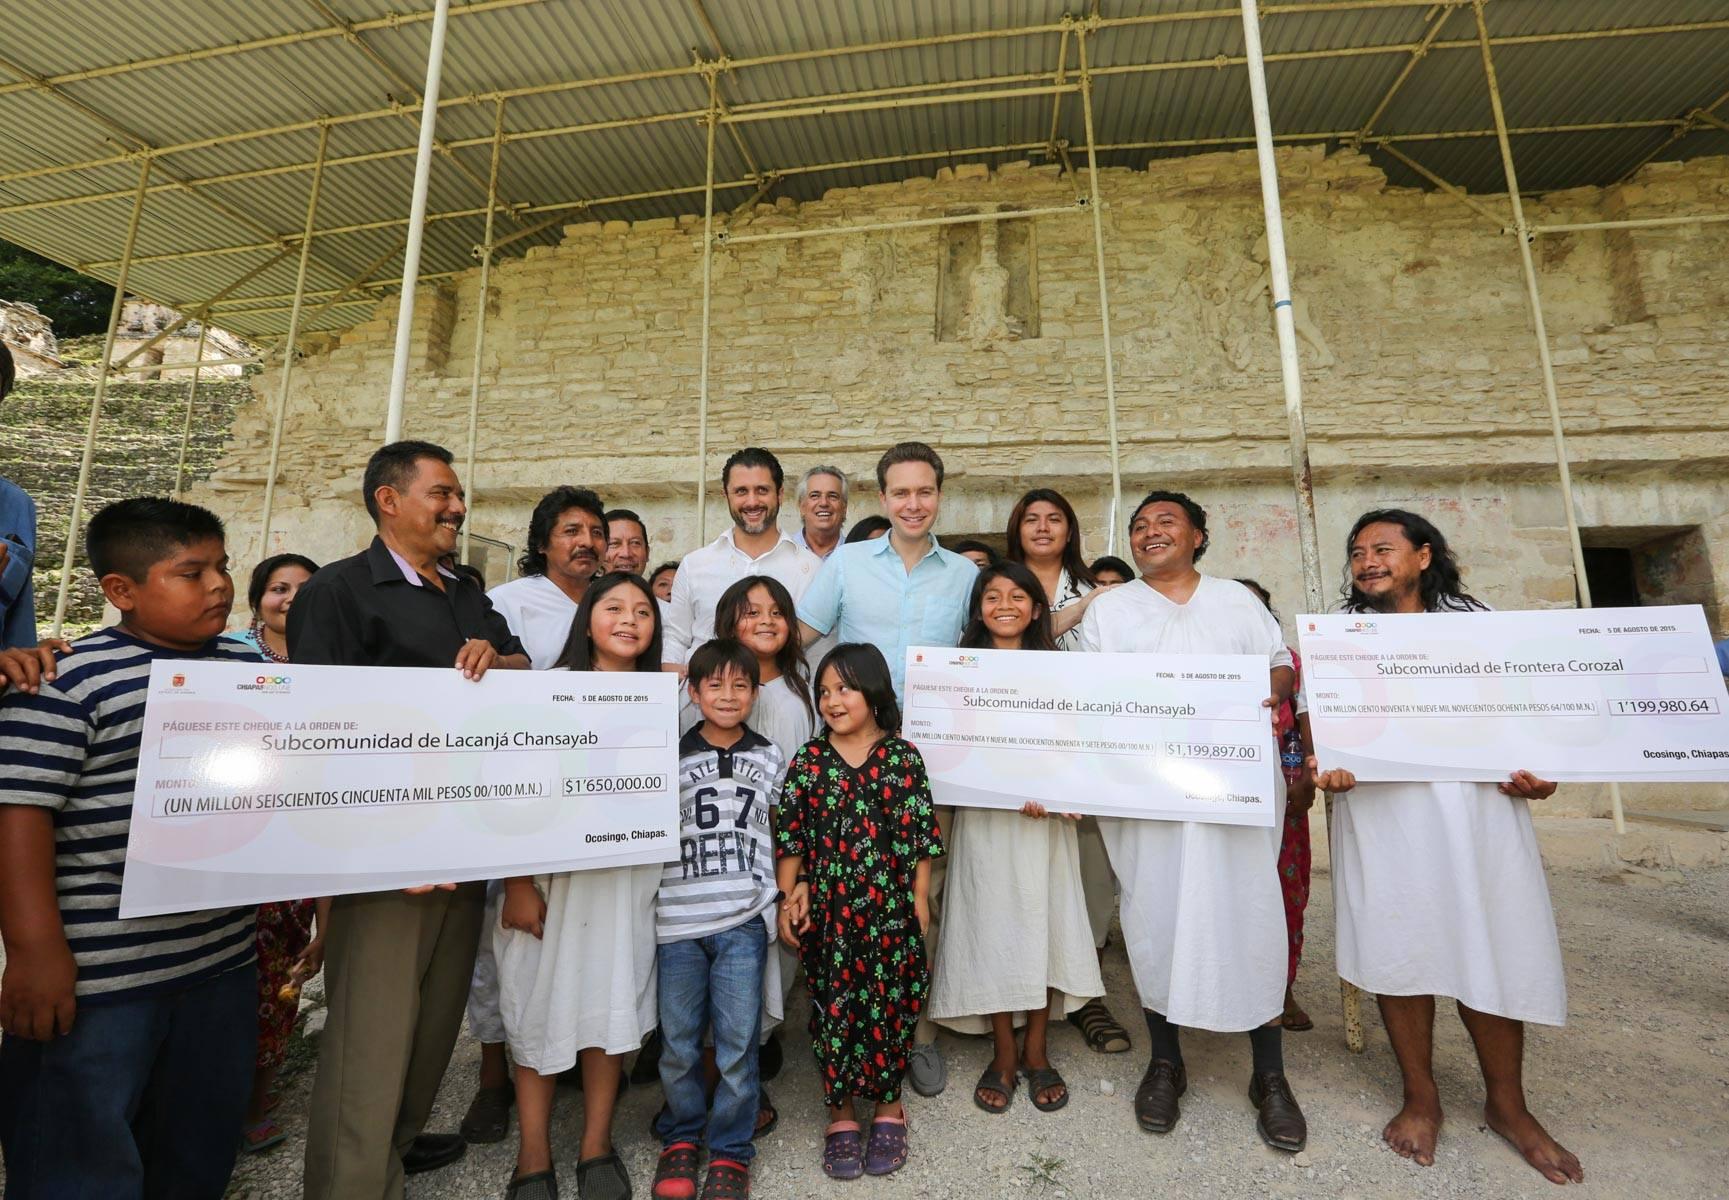 La CONANP entrega recursos a la comunidad de la Selva lacandona  en Chiapas. Foto Icoso.jpg